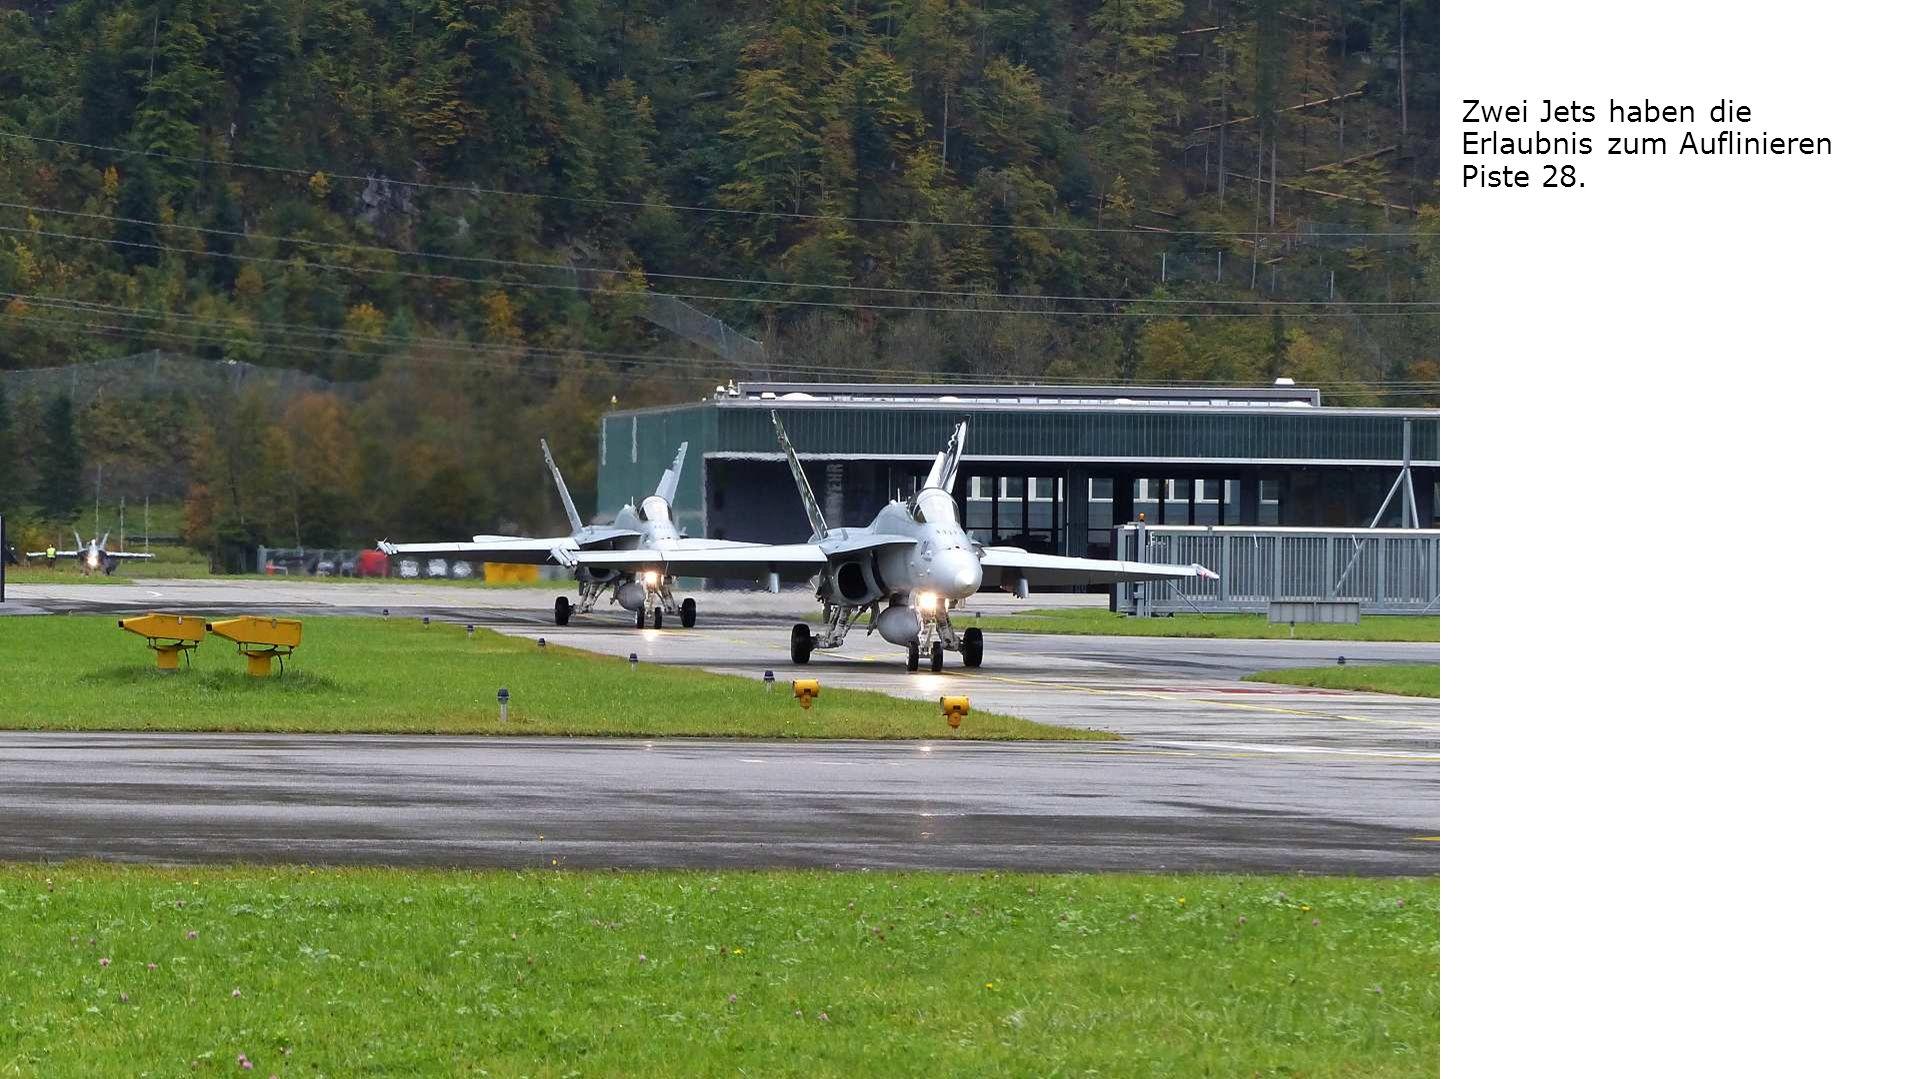 Zwei Jets haben die Erlaubnis zum Auflinieren Piste 28.